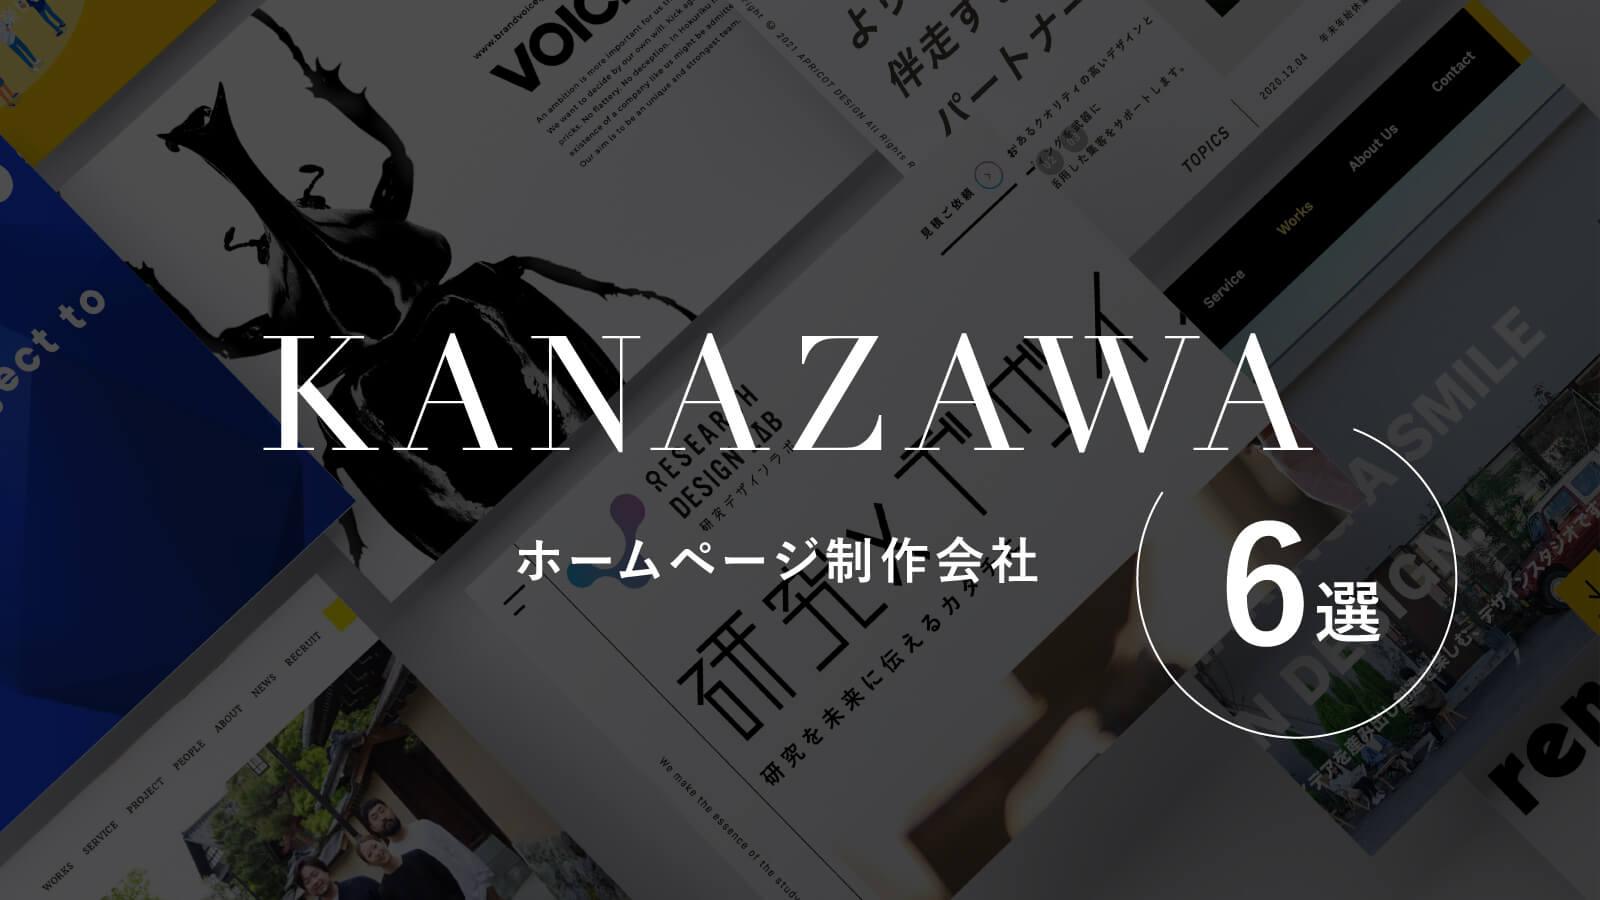 [2021年]金沢のホームページ制作会社6選